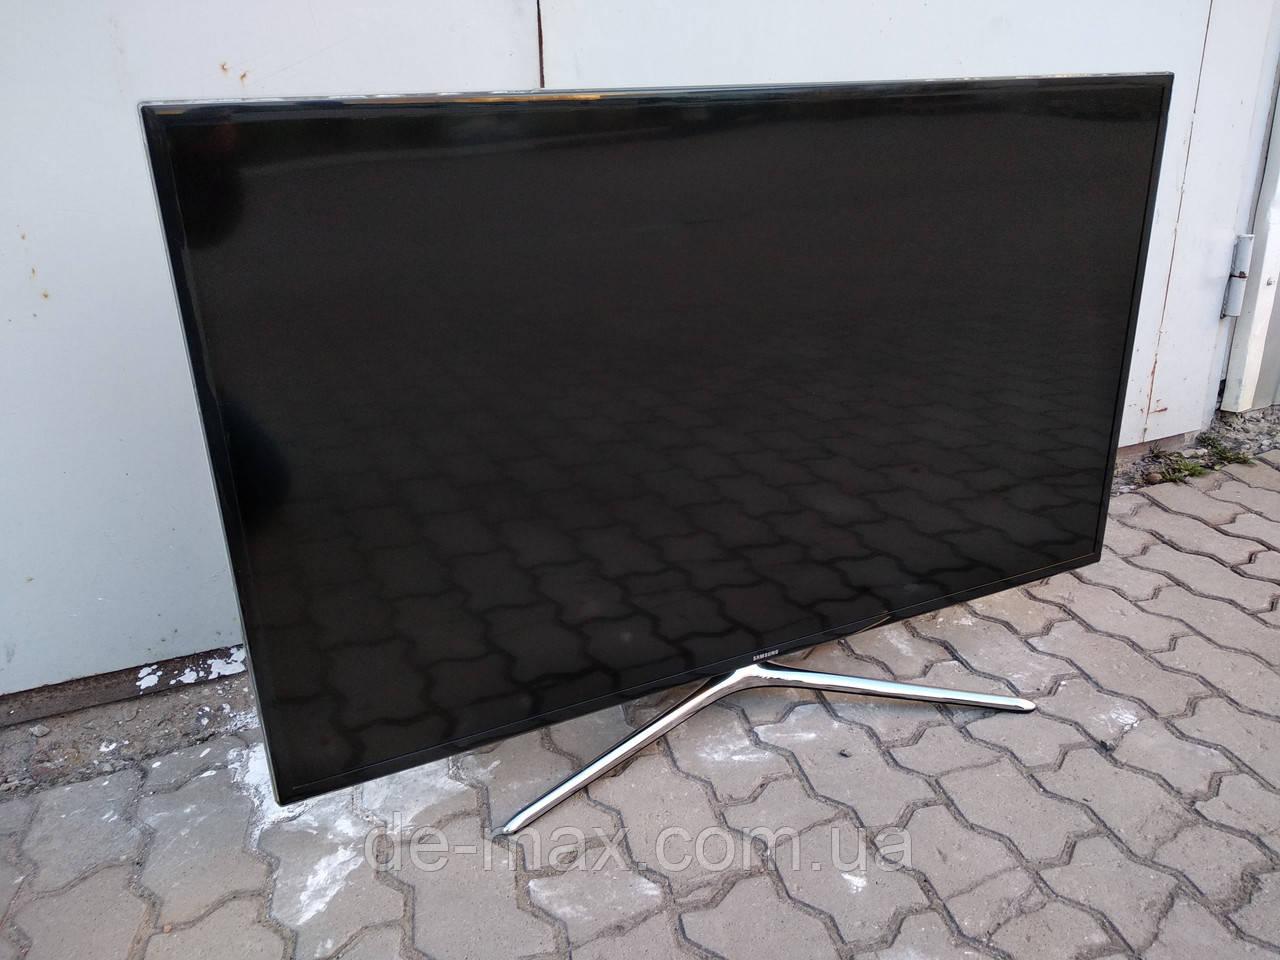 Телевизор 40 дюймов Samsung UE40D7090 800Гц Smart TV 3D